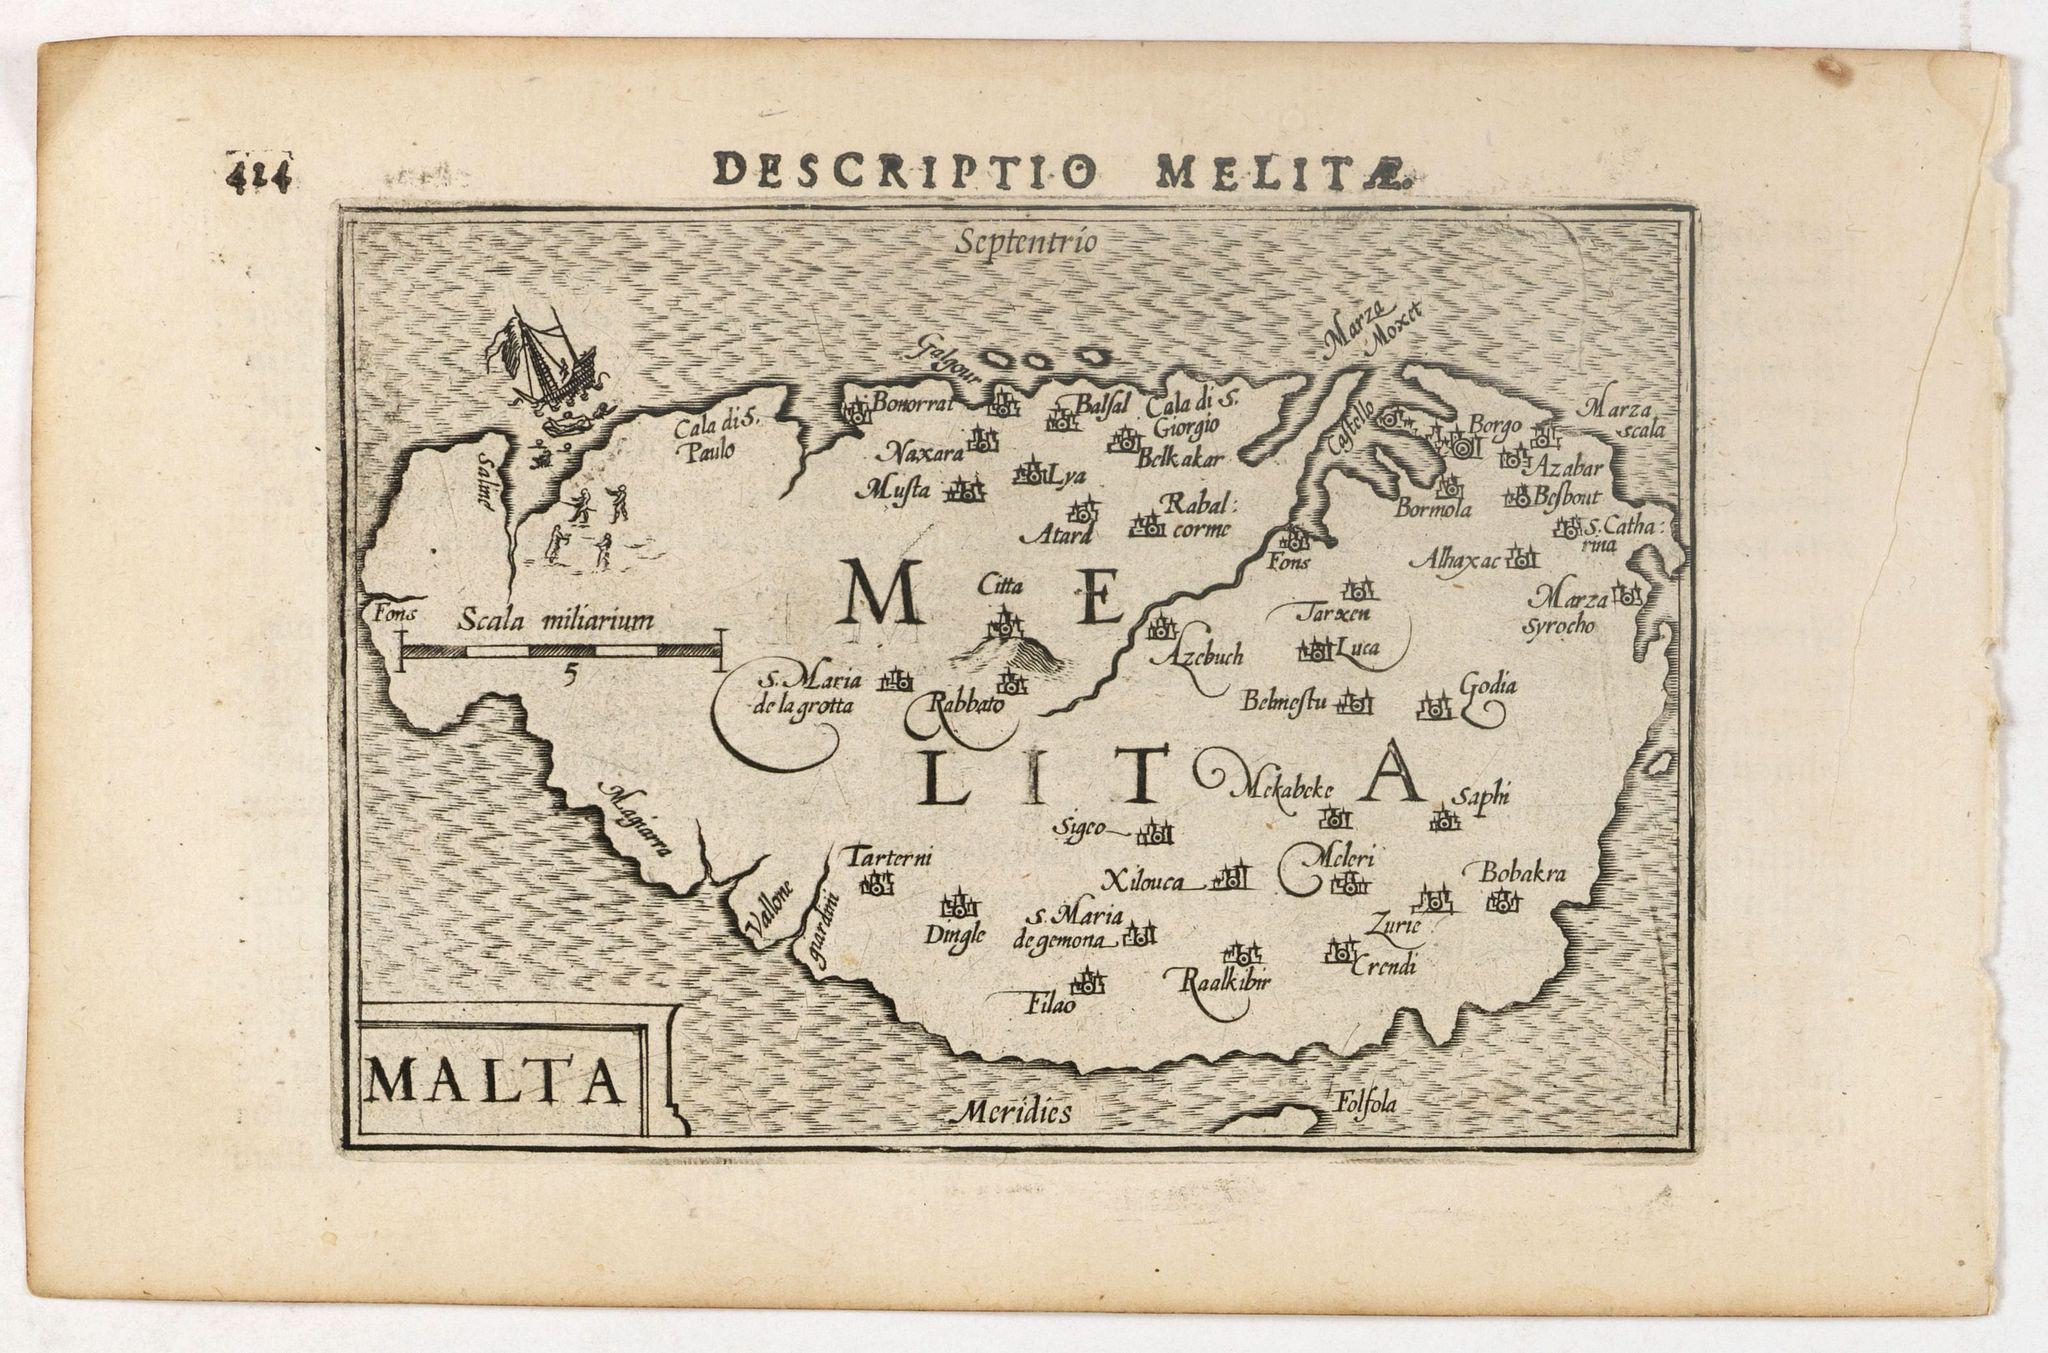 LANGENES, B. / BERTIUS, P. -  Descriptio Melitae / Malta.